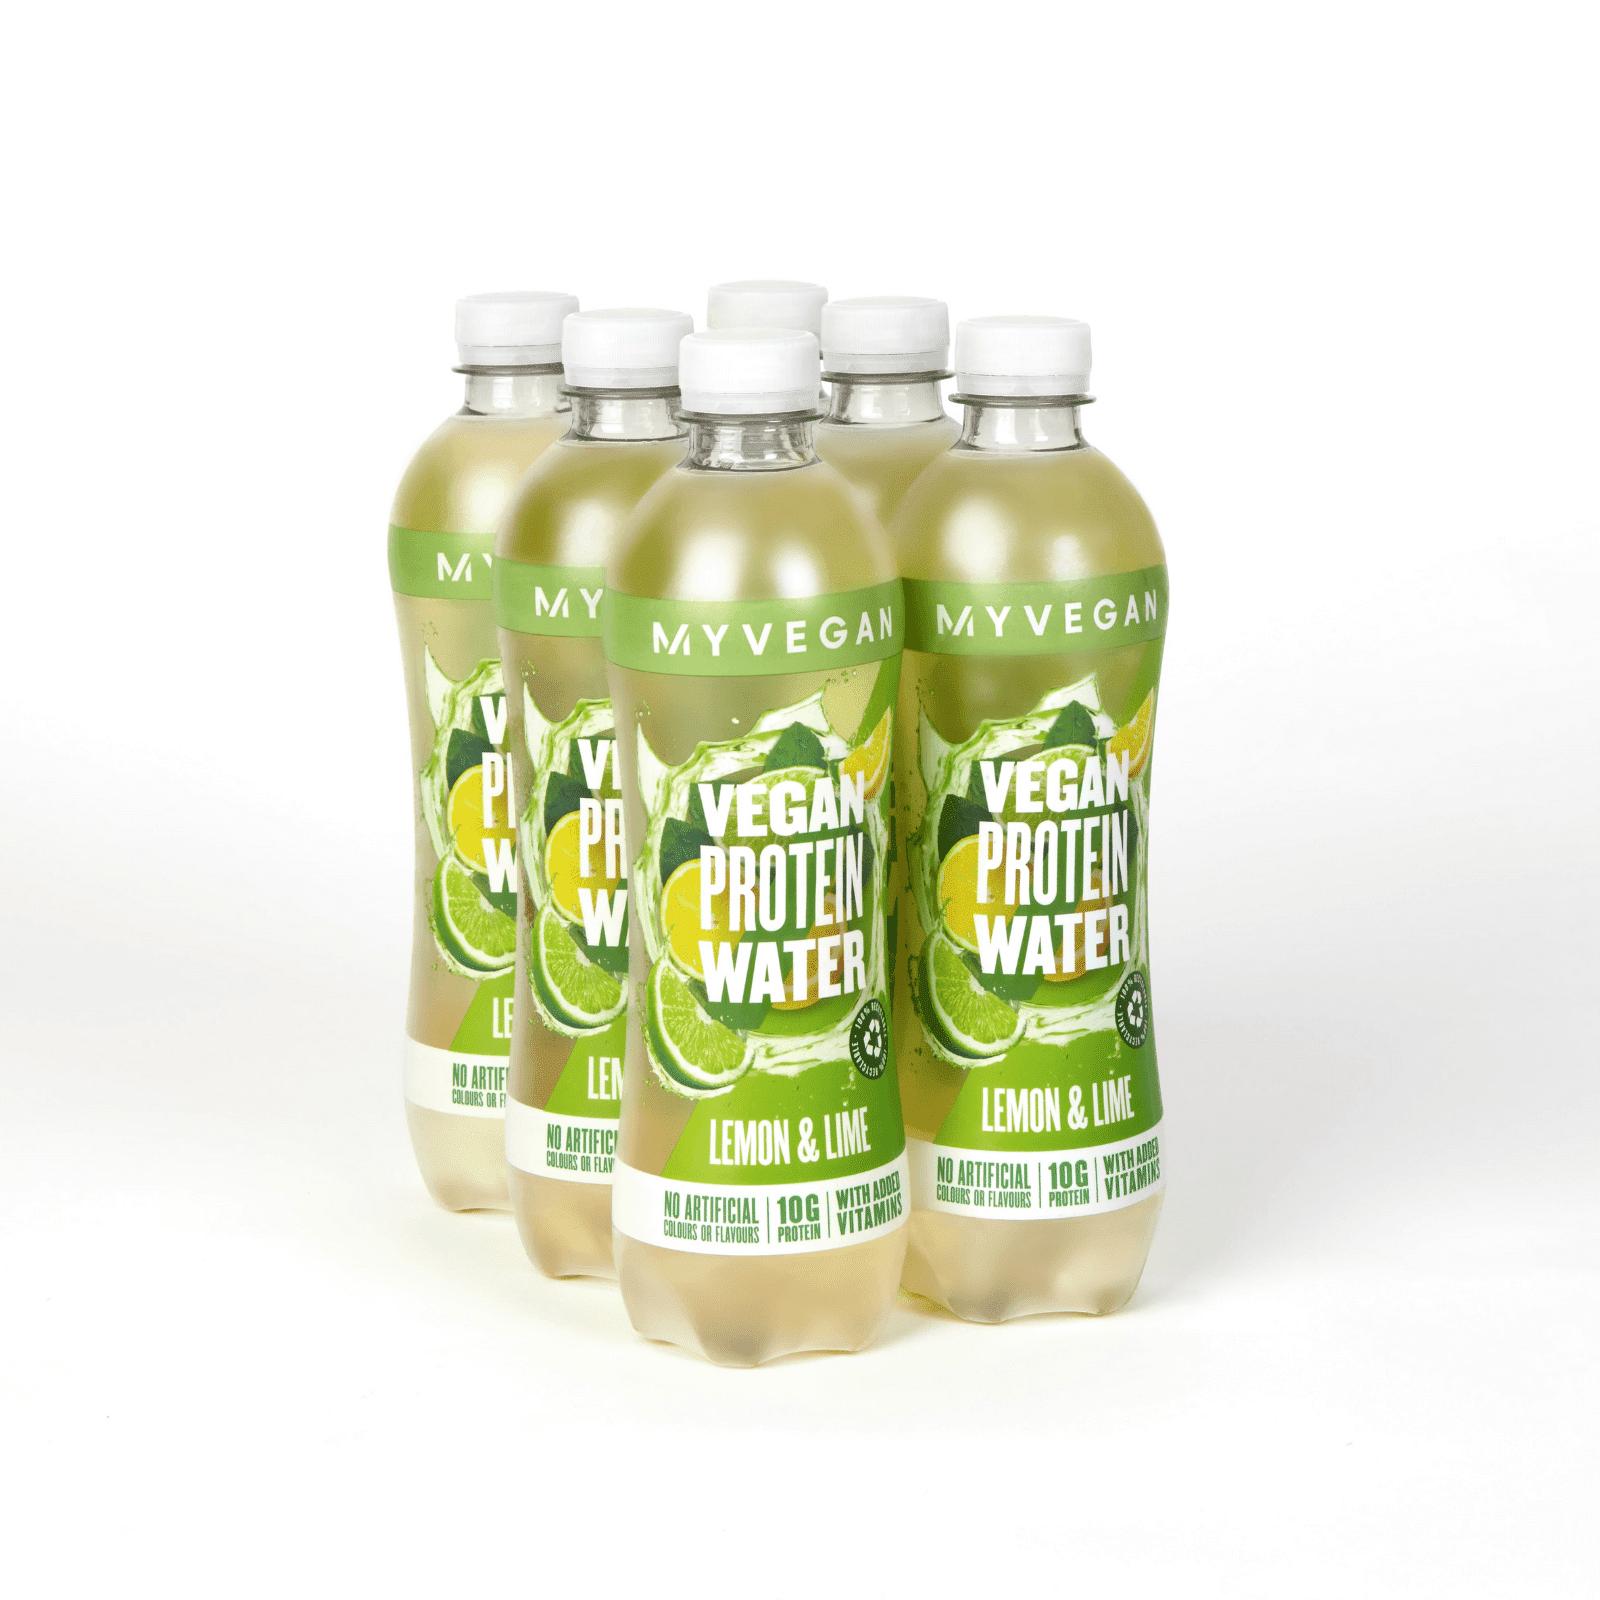 MyVegan Eau protéinée Clear Vegan - Lemon Lime